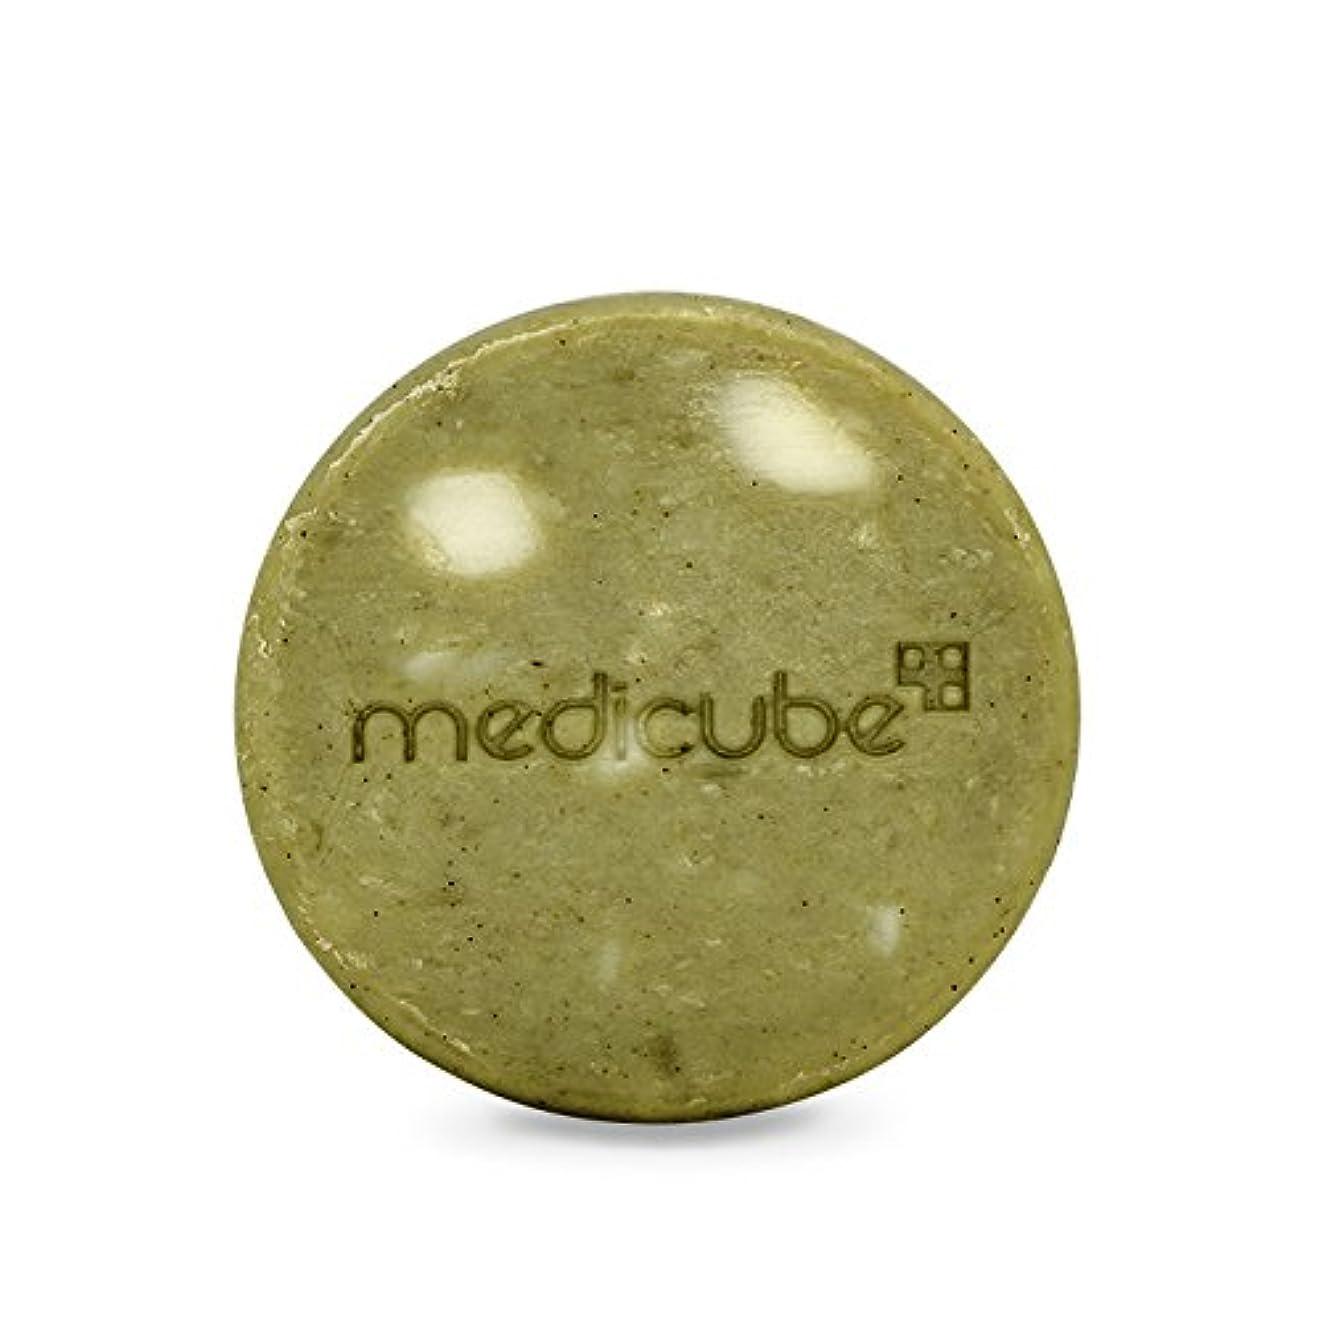 束ねる流行できた[Medicube]Red Body Bar / メディキューブレッドボディバー / 正品?海外直送商品 [並行輸入品]